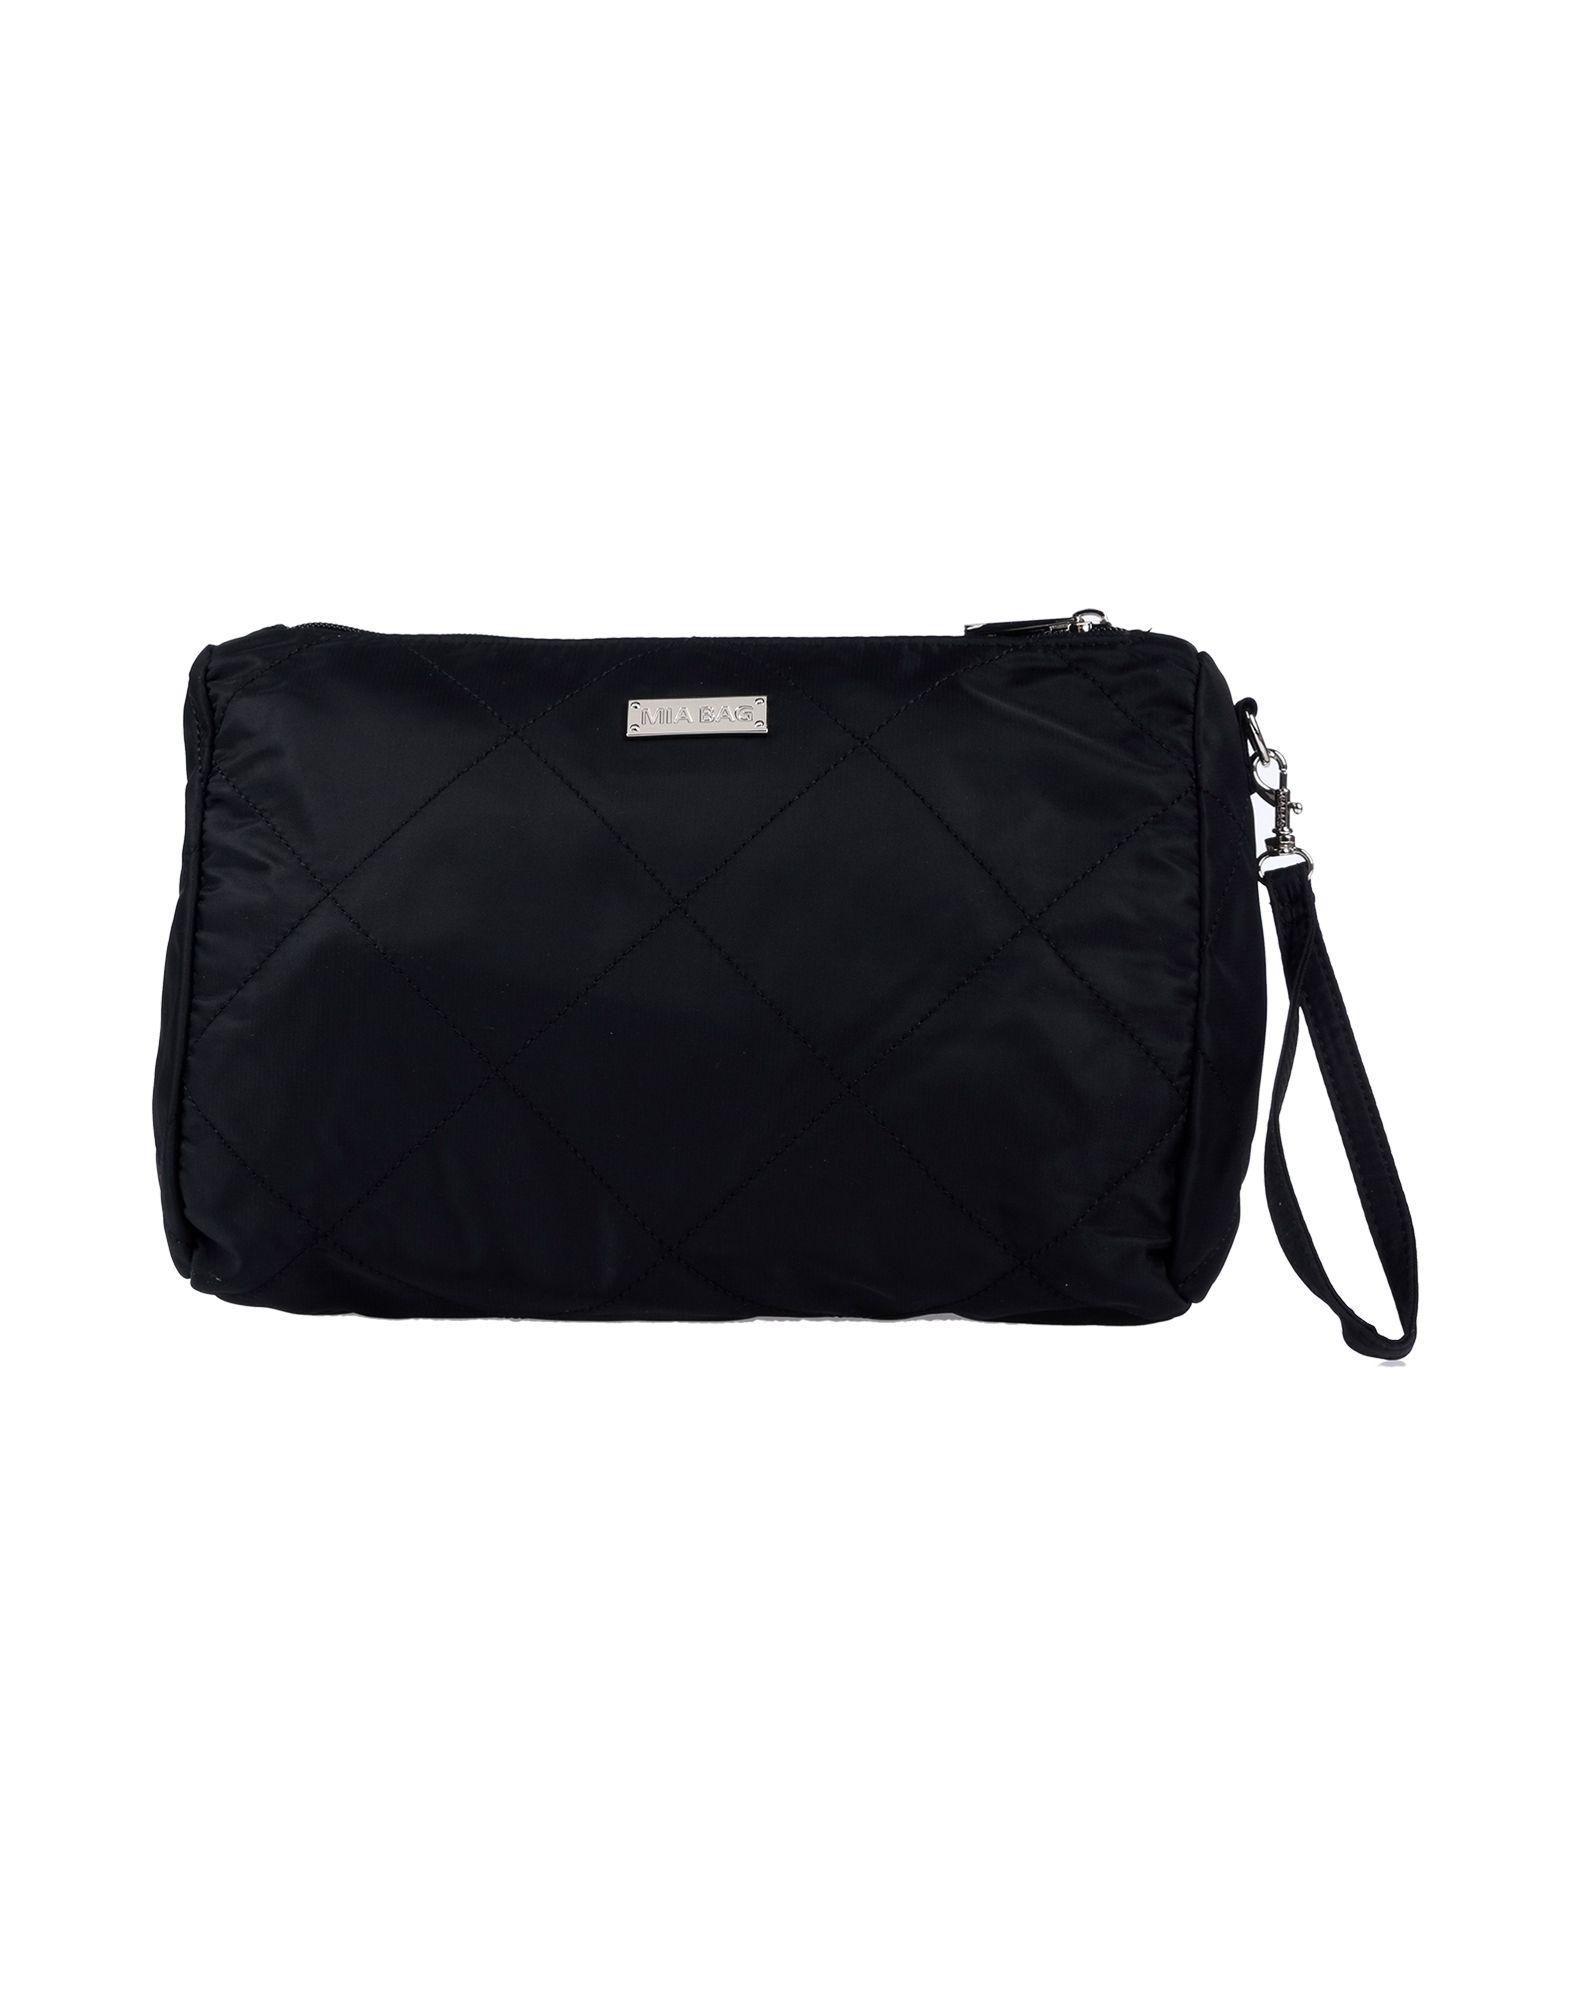 MIA BAG Beauty case